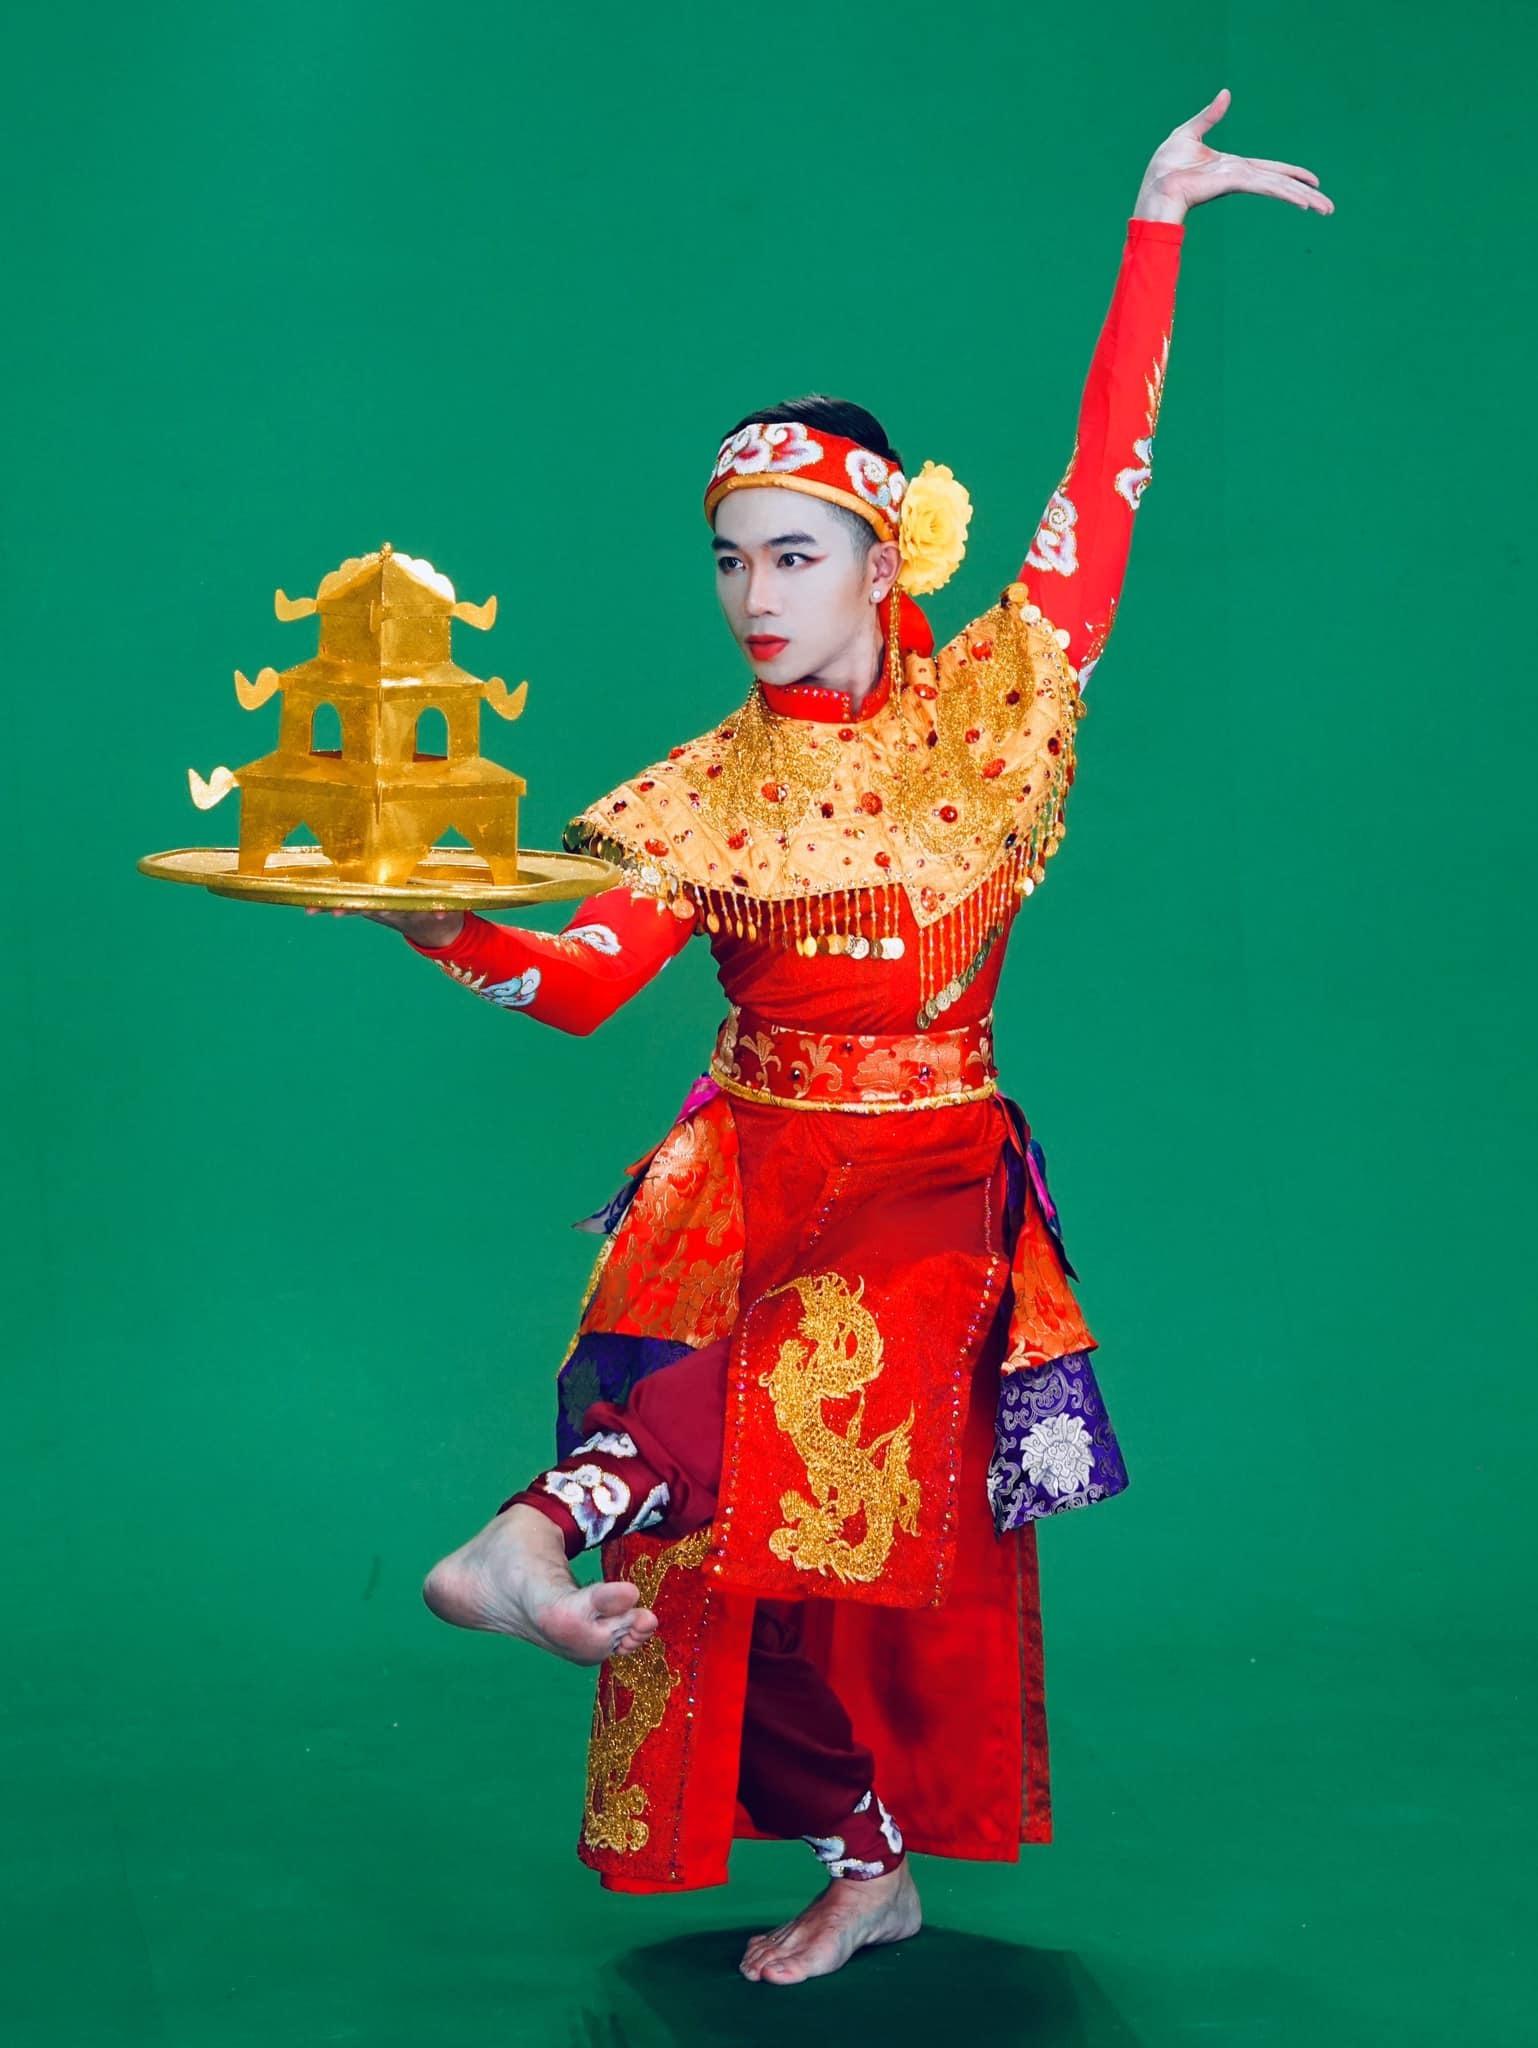 Diễn viên múa tài năng Mai Trung Hiếu qua đời ở tuổi 29